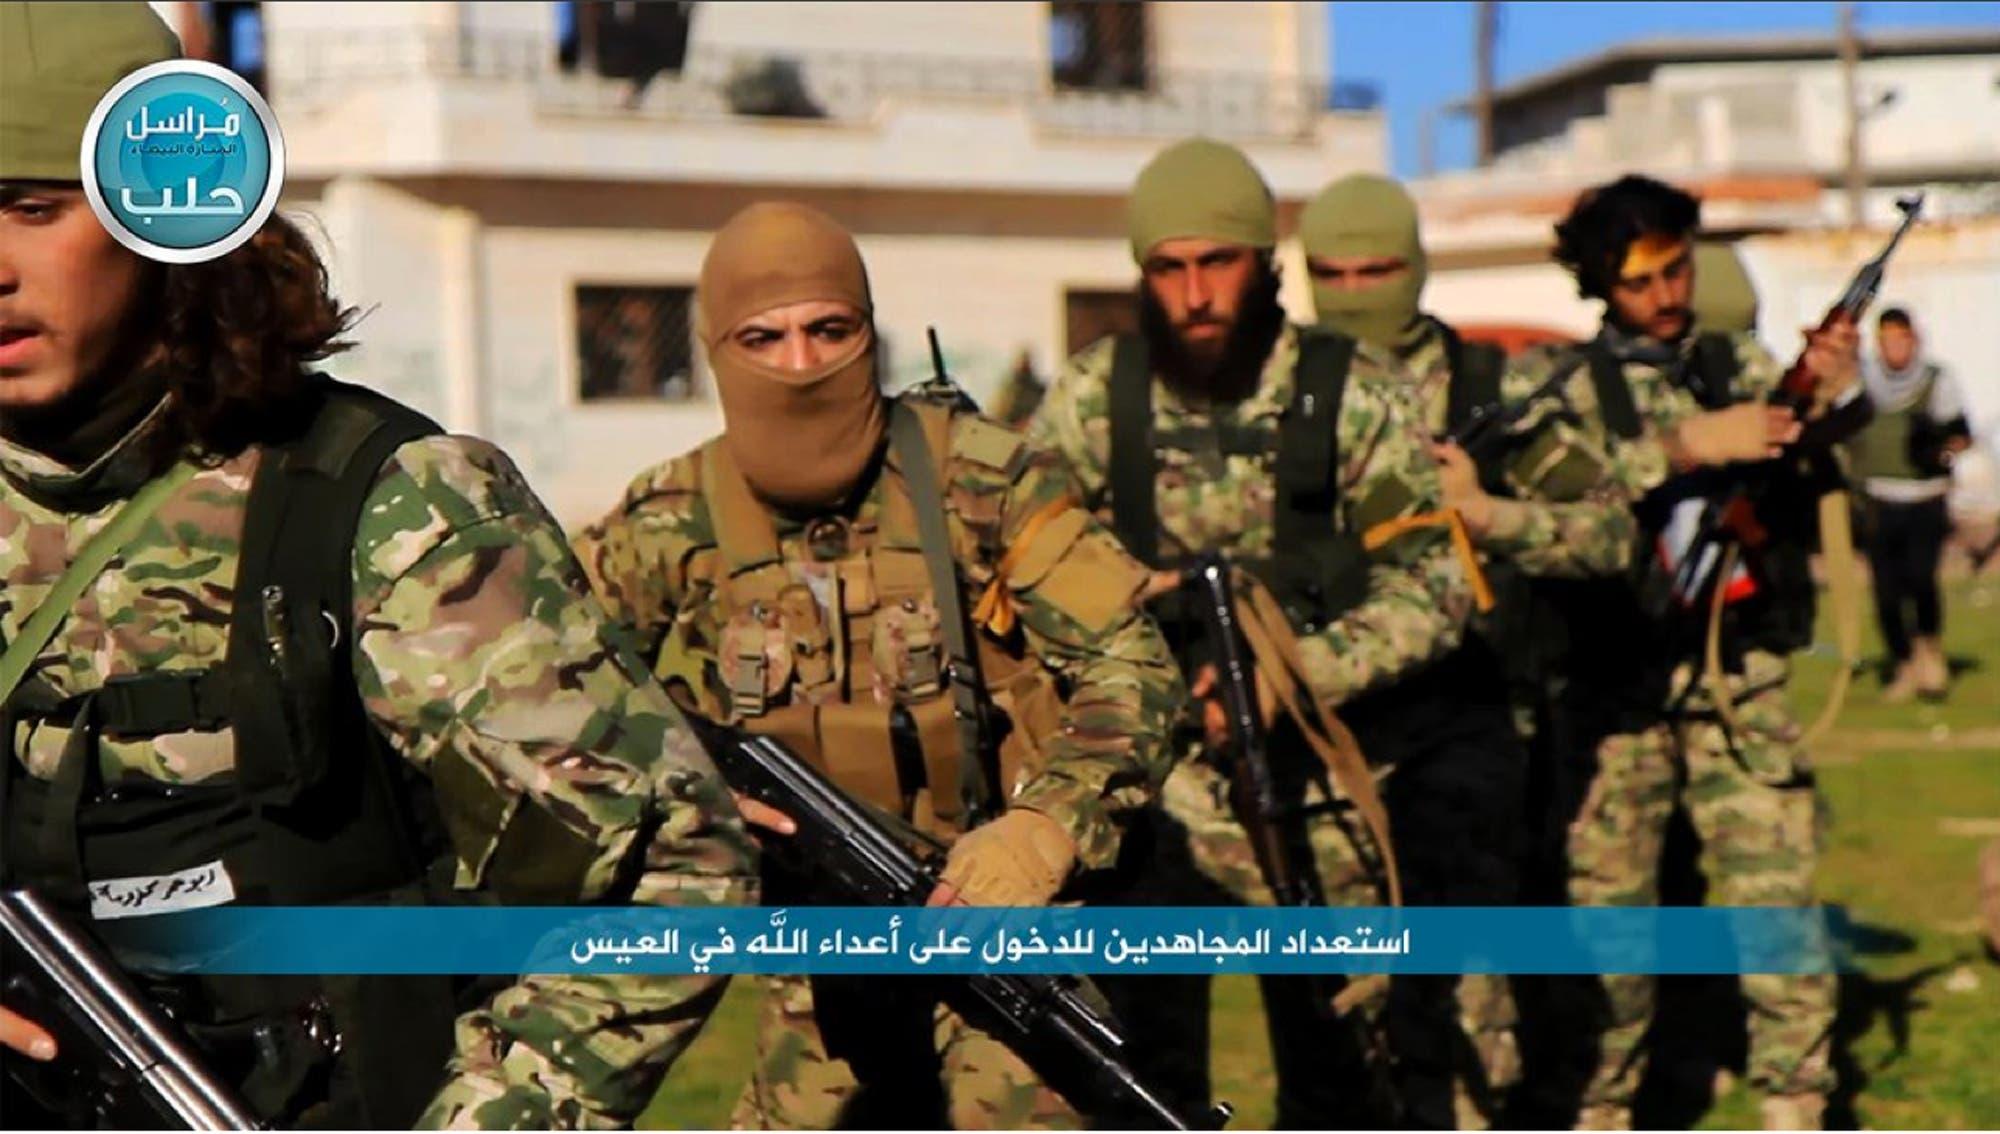 شام میں القاعدہ سے وابستہ گروپ النصرۃ محاذ کے جنگجوؤں کی یکم اپریل 2016ء کو ٹویٹر پر پوسٹ کی گئی تصویر ۔